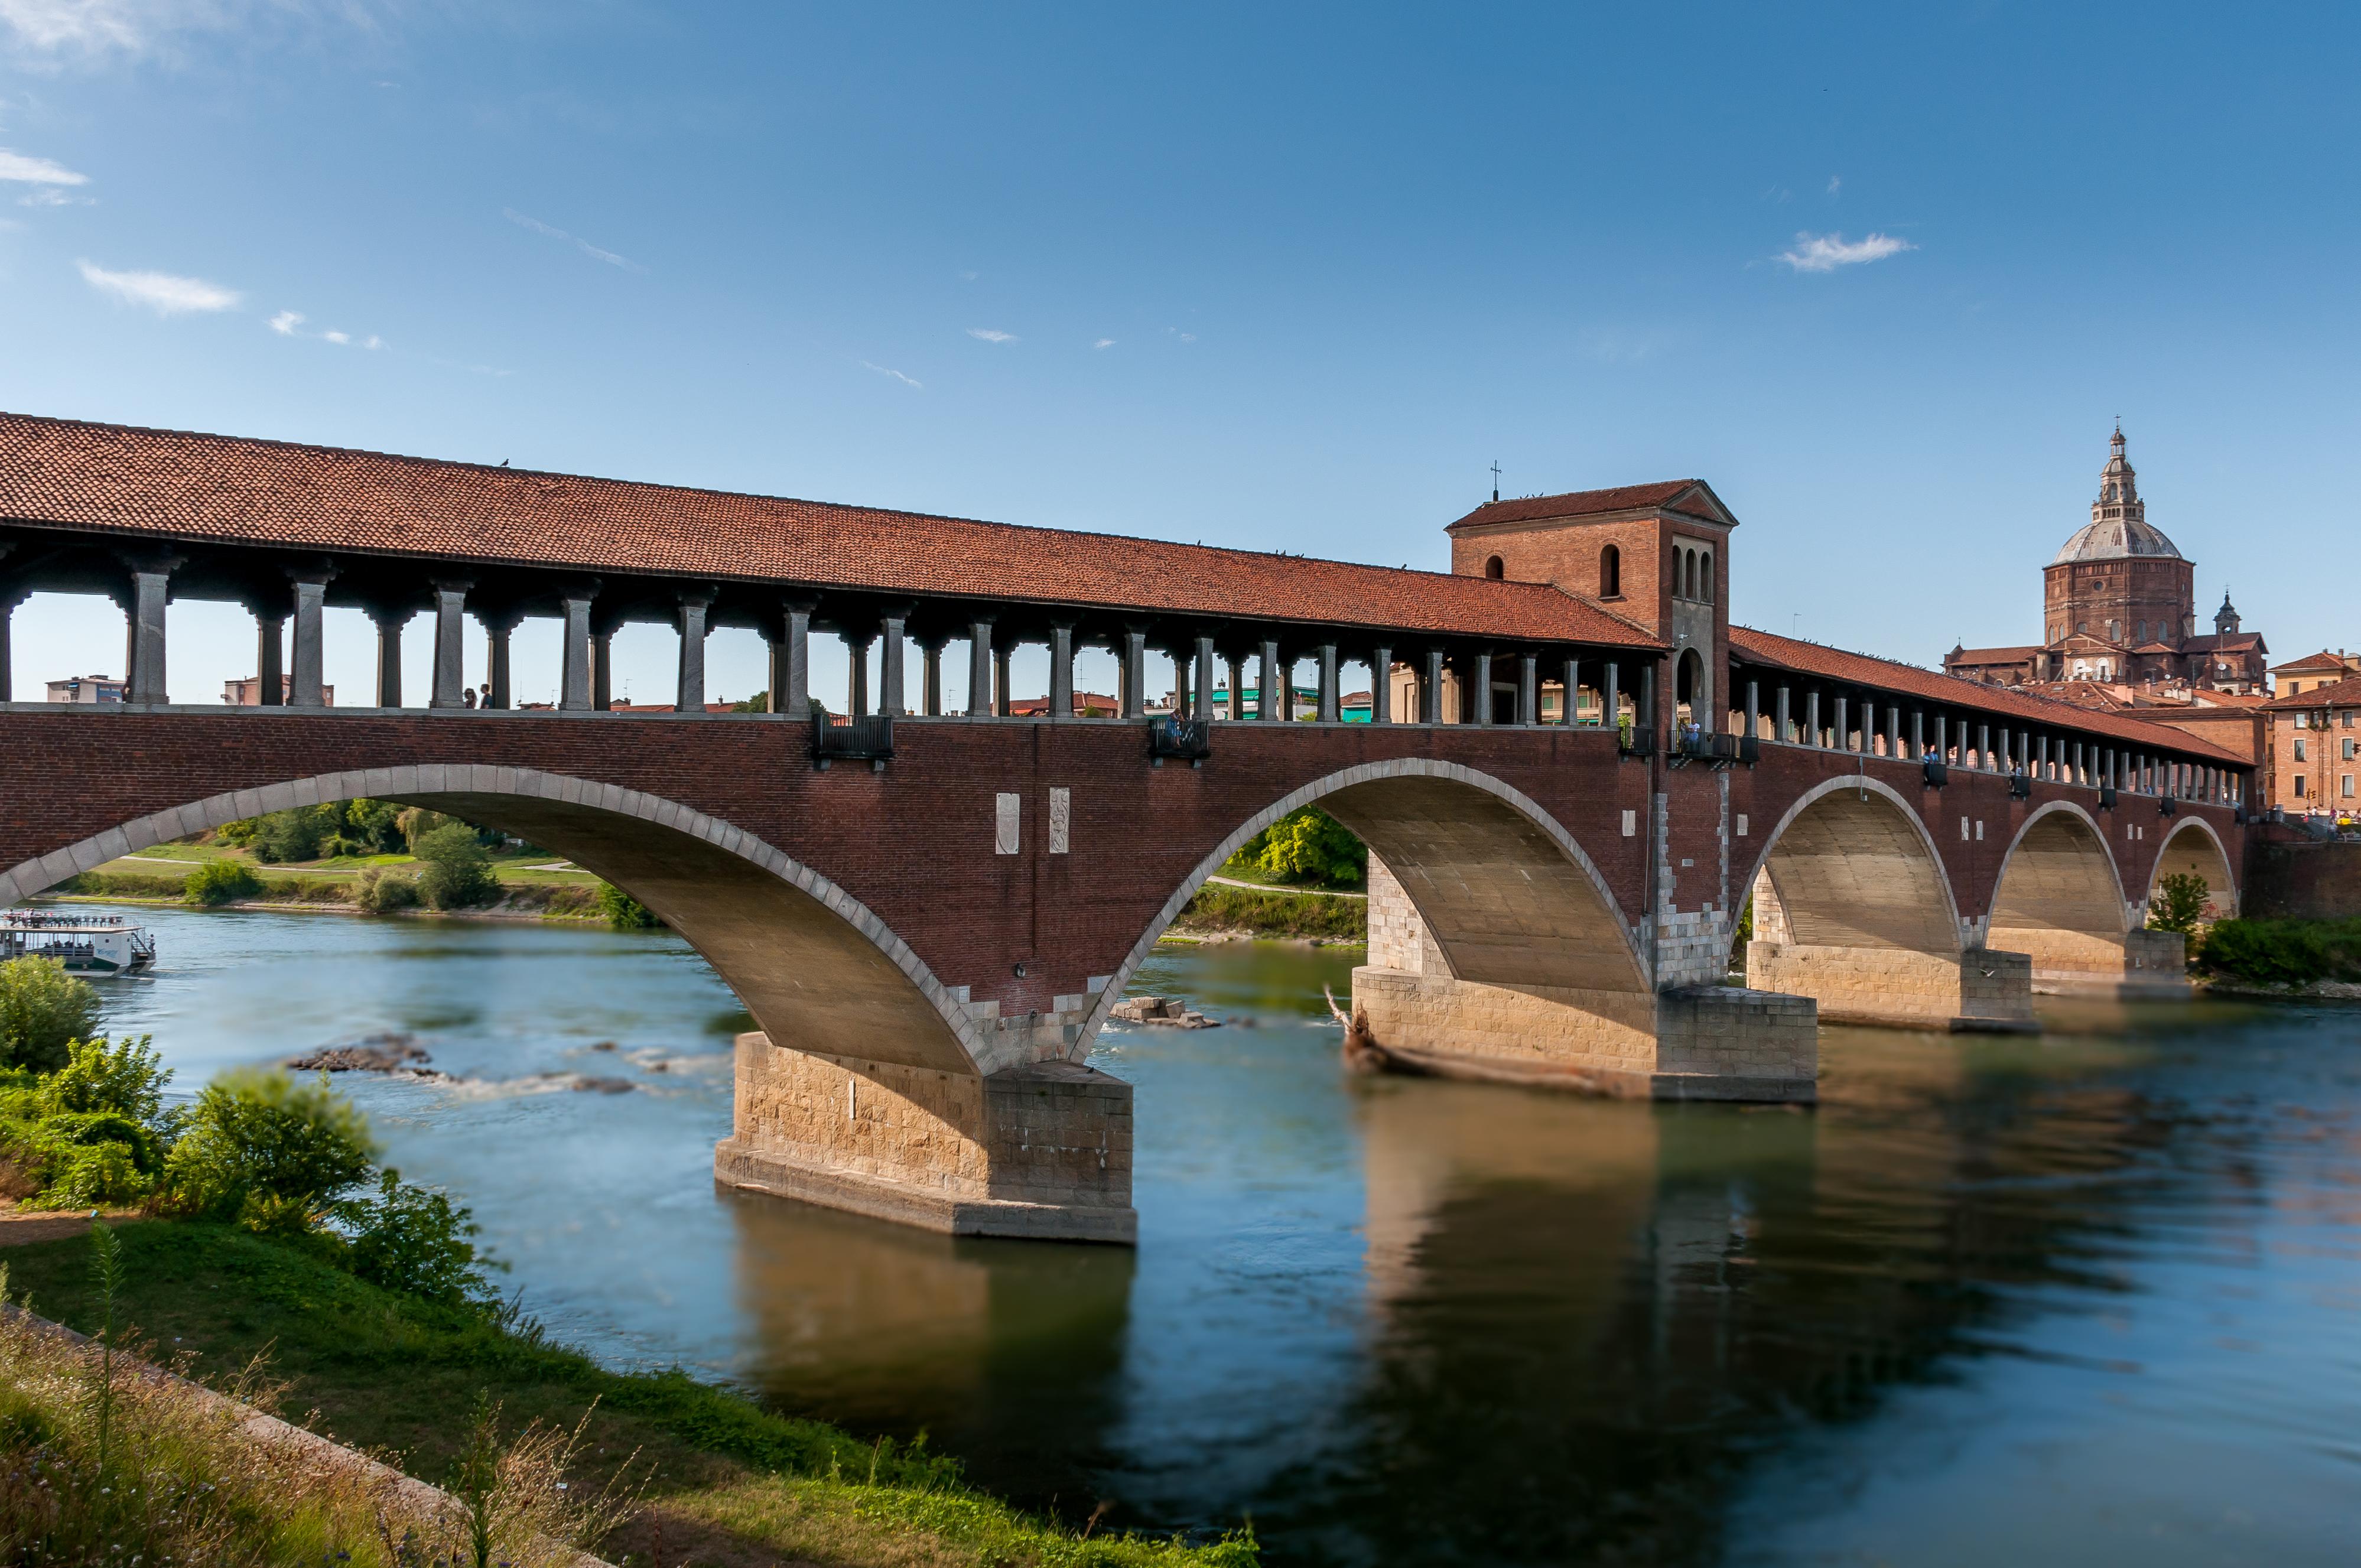 Adesioni chiuse domenica 22 ottobre trek anello del for Foto di ponti coperti